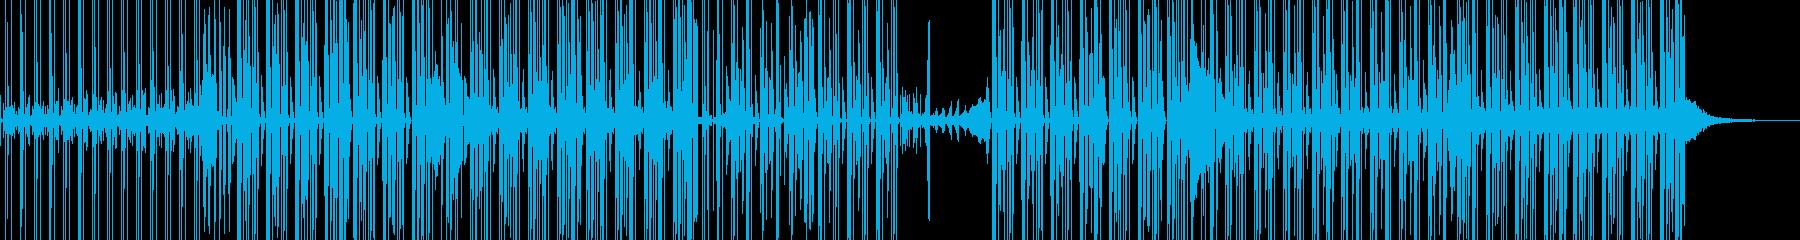 ティーン ポップ テクノ アクティ...の再生済みの波形